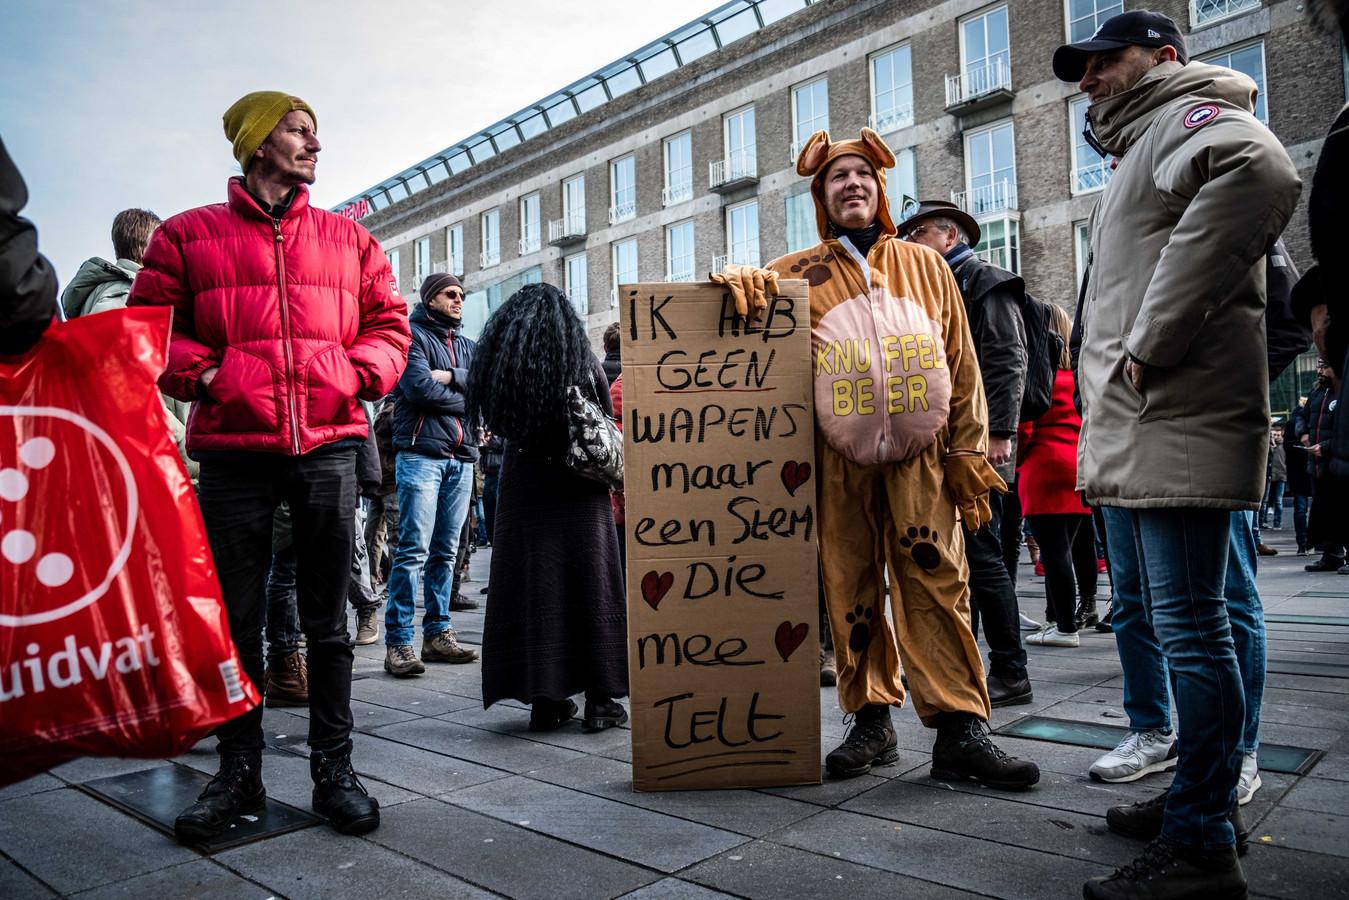 Beeld van de demonstratie zondag in Eindhoven.